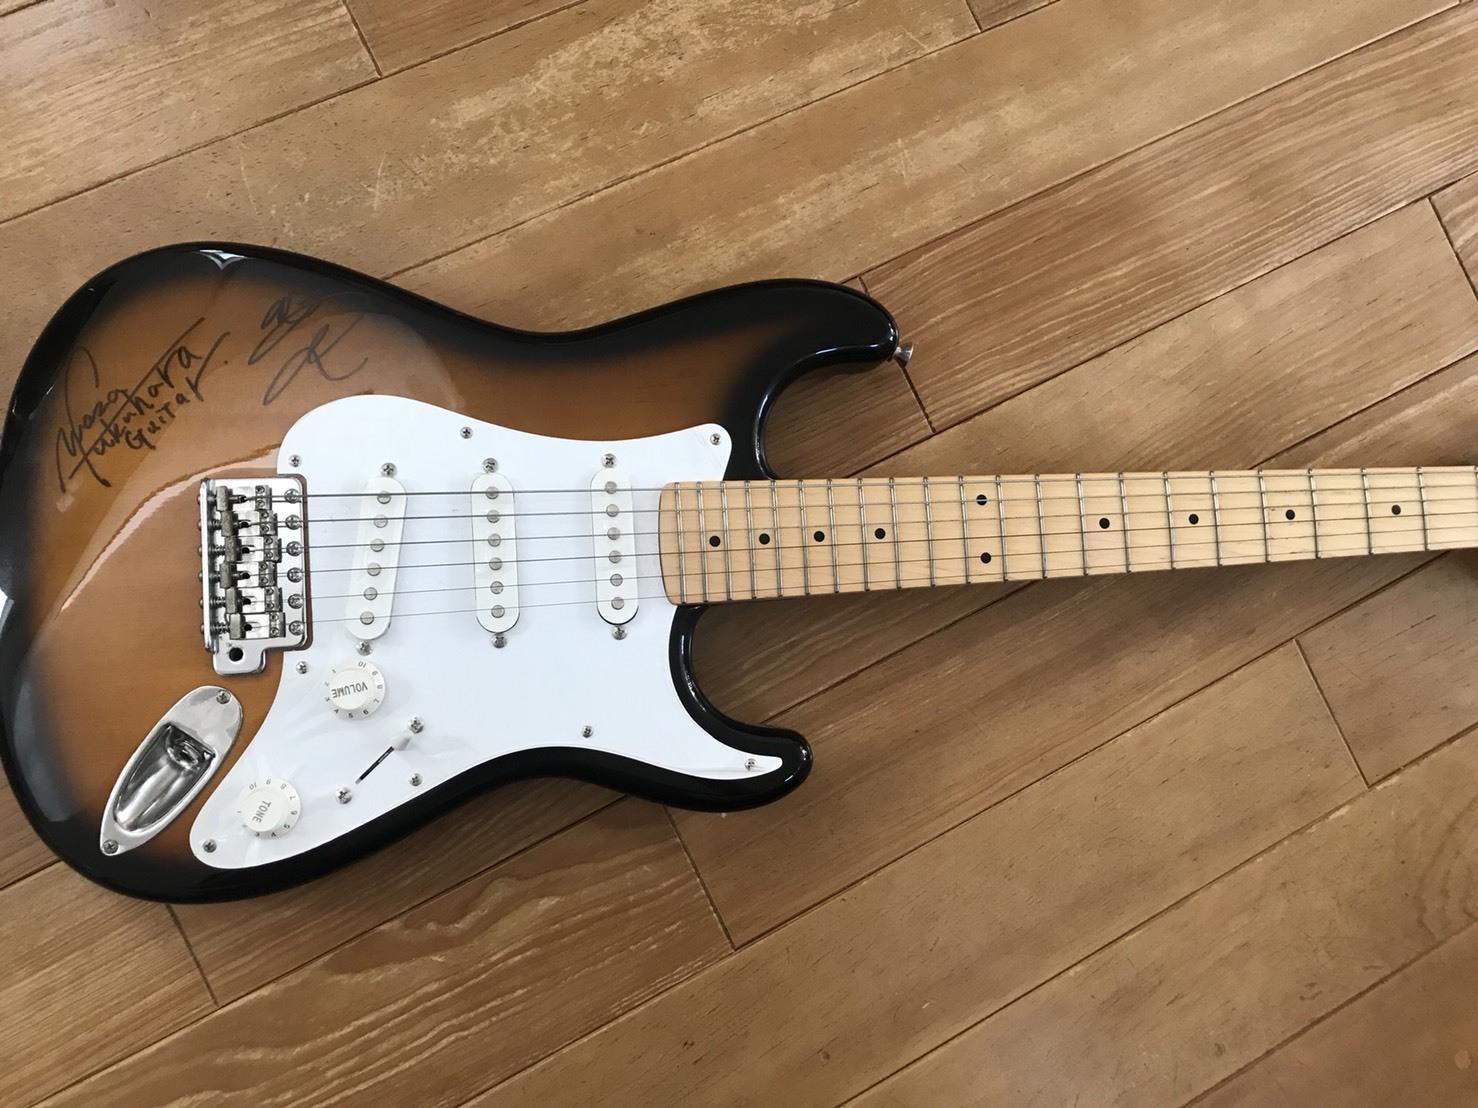 <僕が初めて買ったギター。ルーツを授けます。福原親子サイン入りギタープラン>